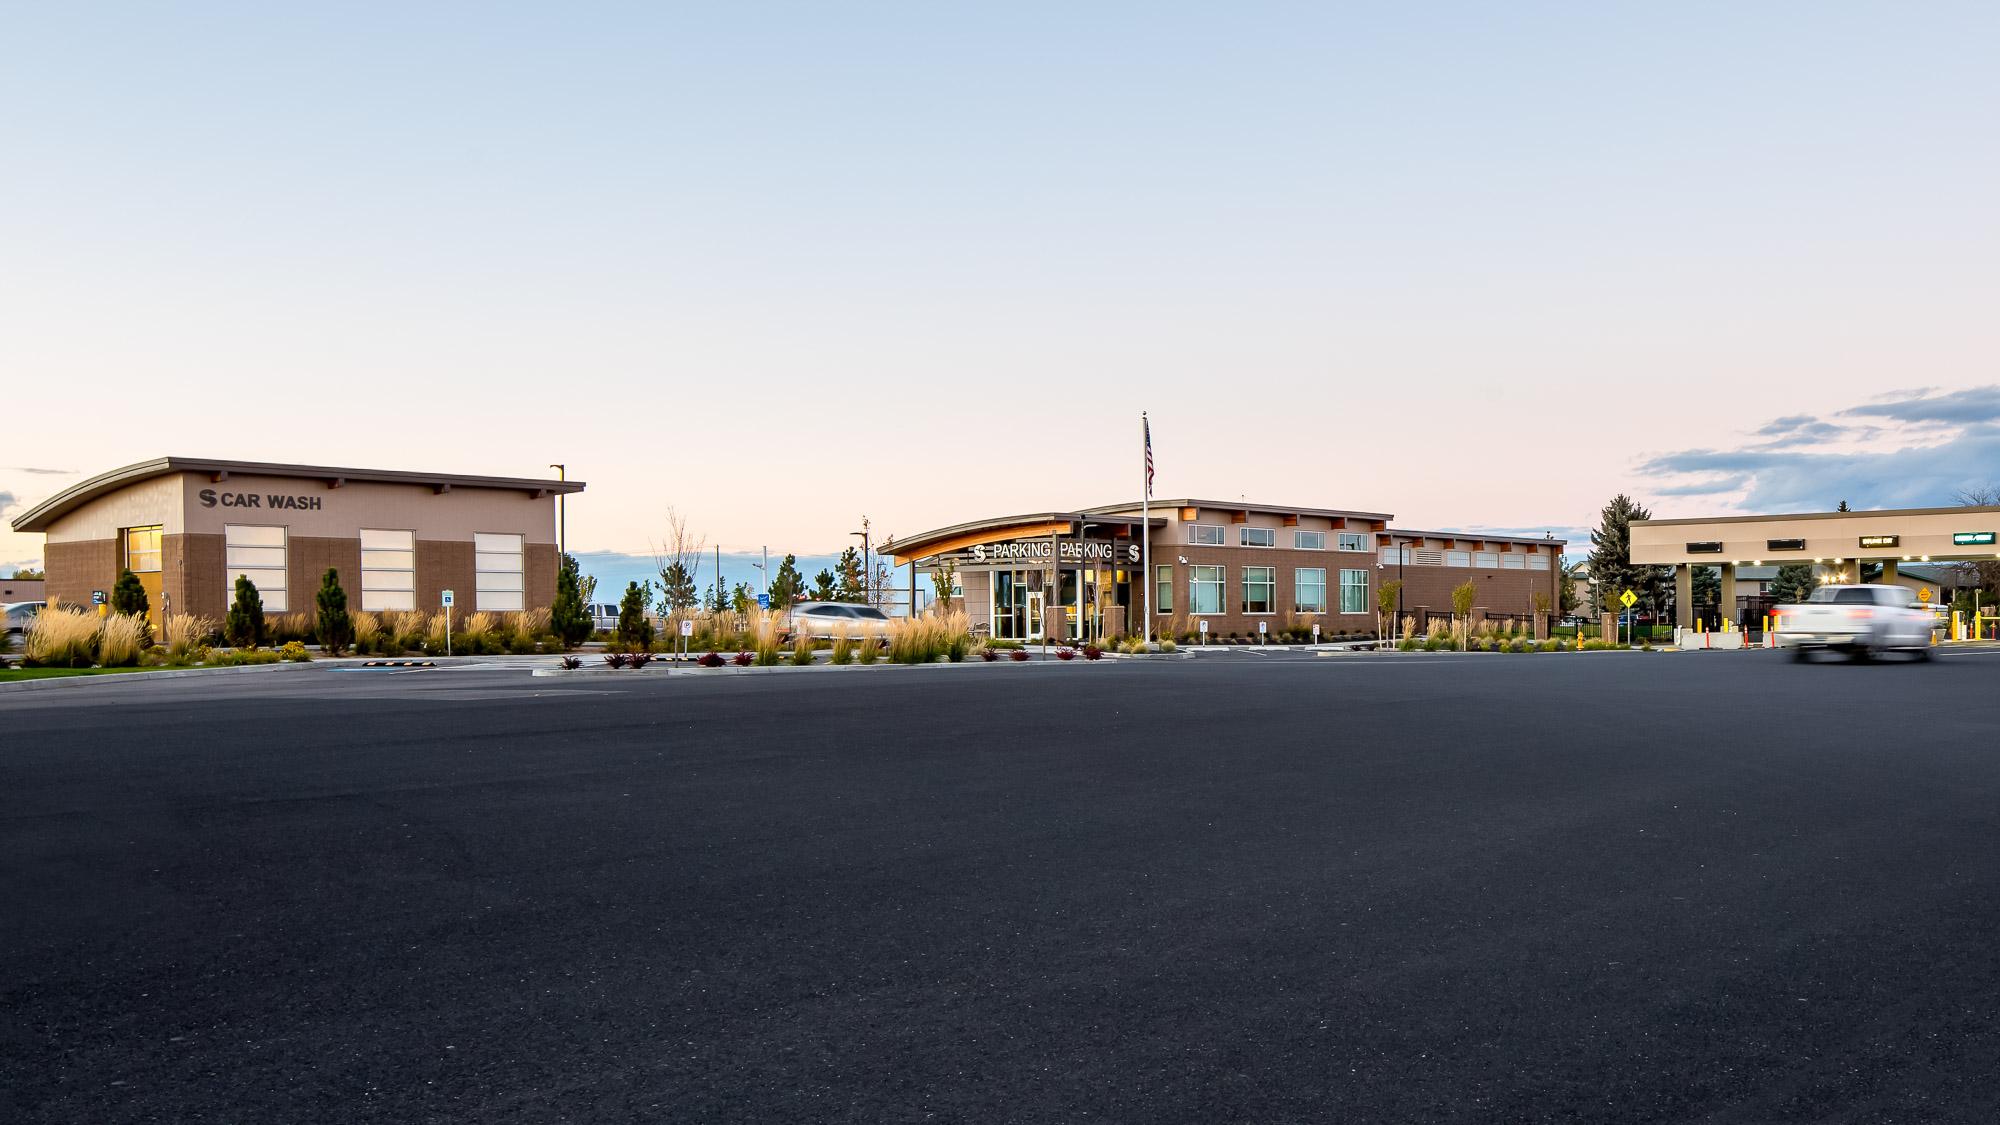 Car Wash Spokane Airport